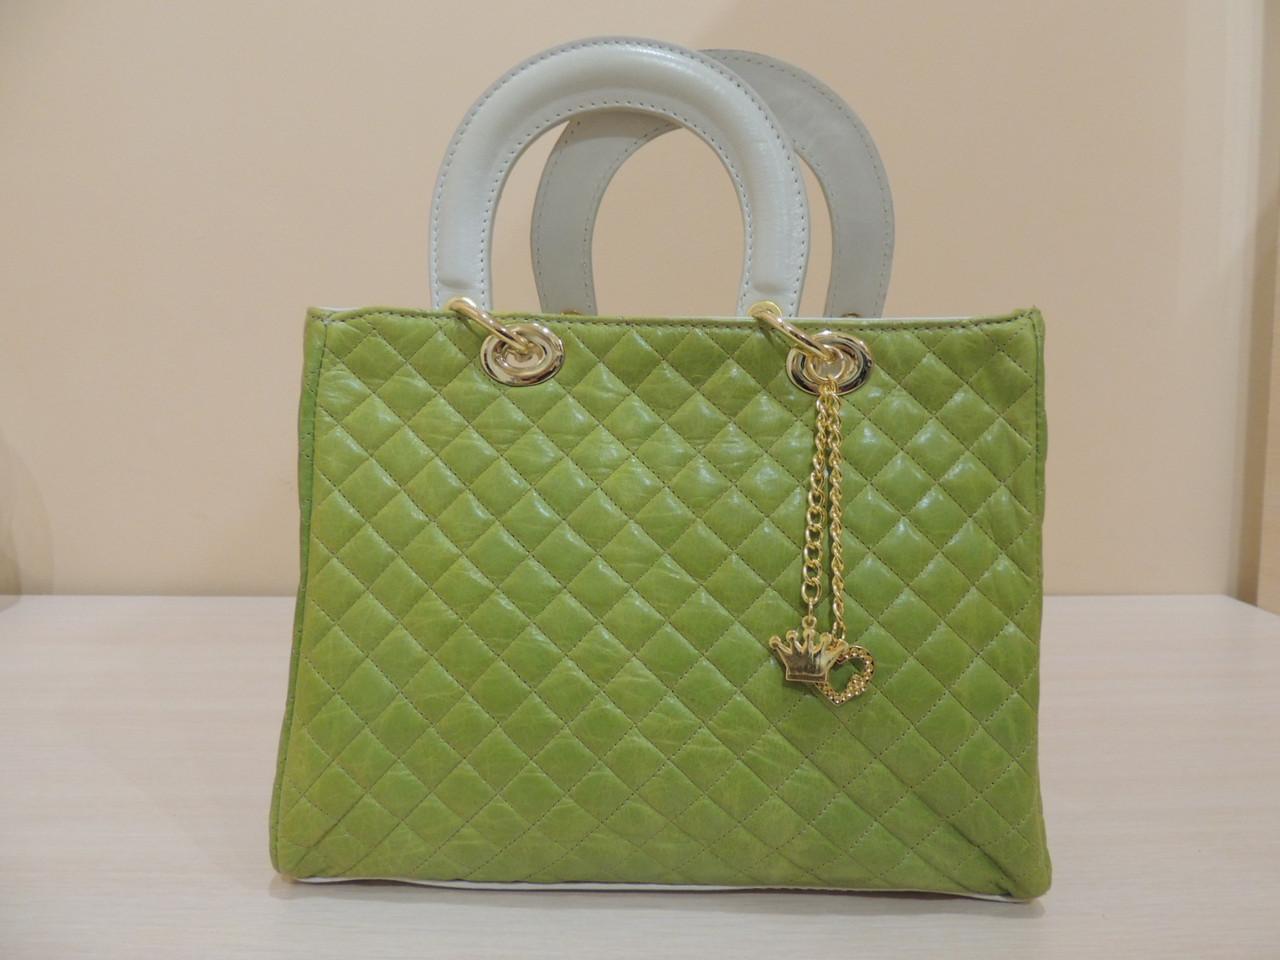 Оригинальная кожаная женская сумочка (Италия) Зеленый, фото 1